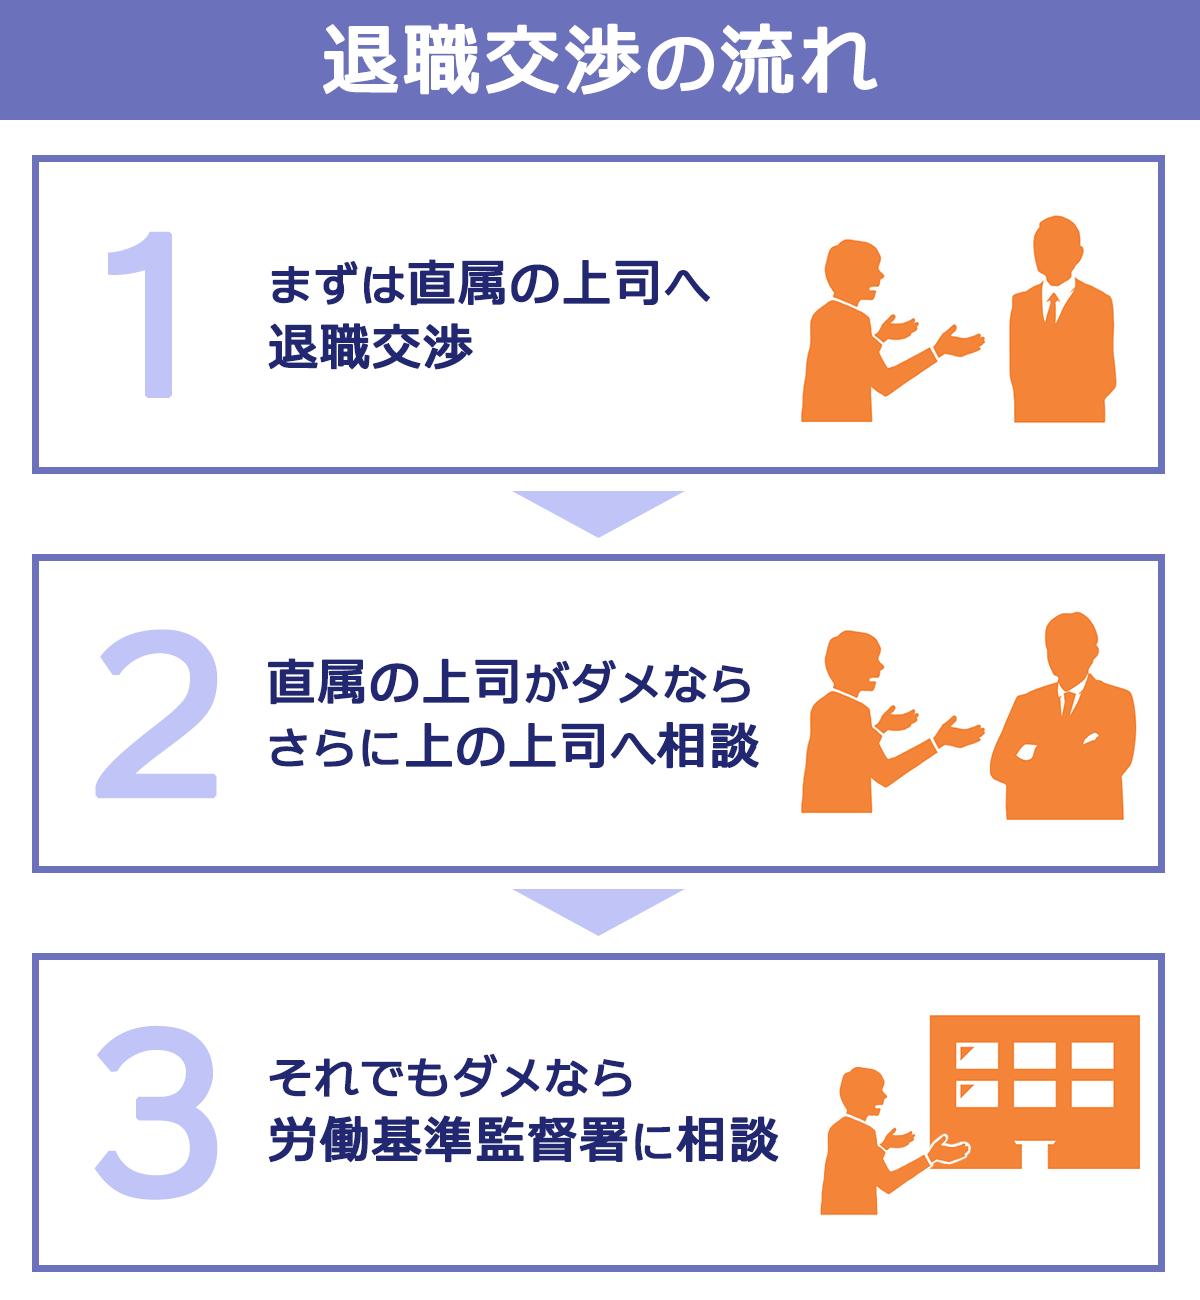 「退職の流れ」1:まずは直属の上司へ退職交渉。2:直属の上司がダメならさらに上の上司へ相談。3:それでもダメなら労働基準監督署に相談。